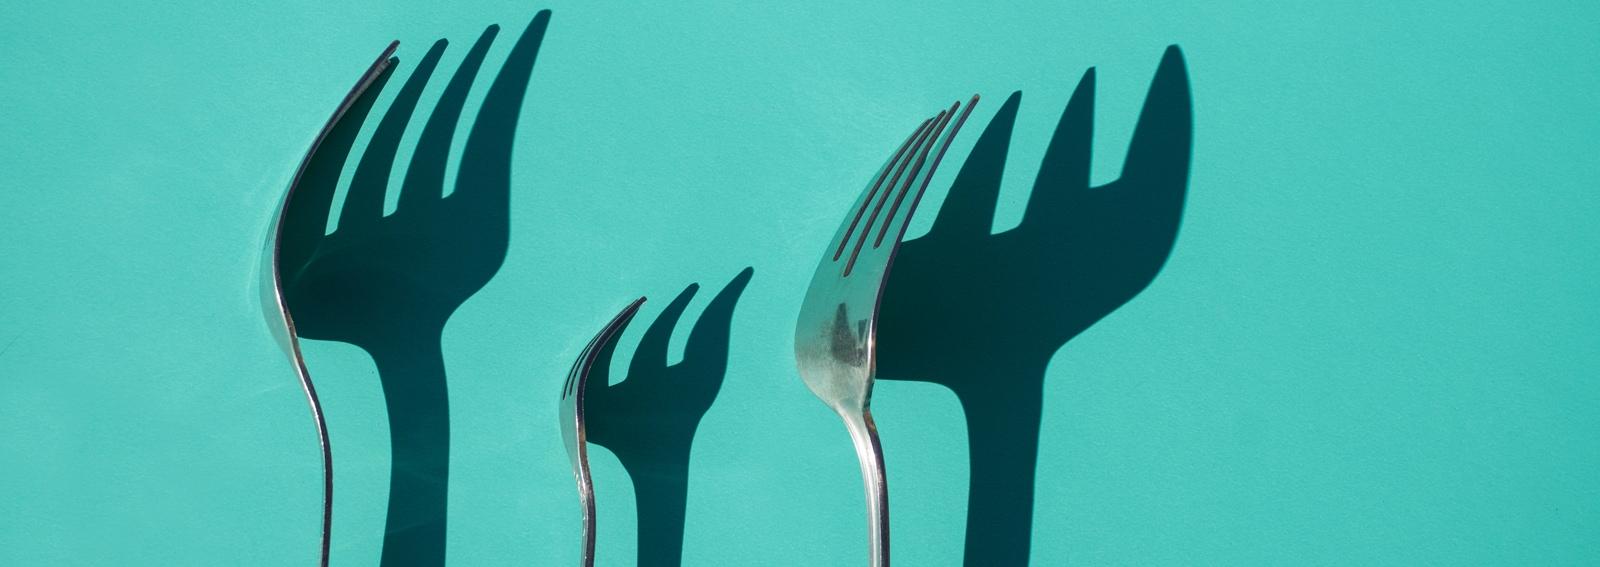 visore-dieta-chenotDESK